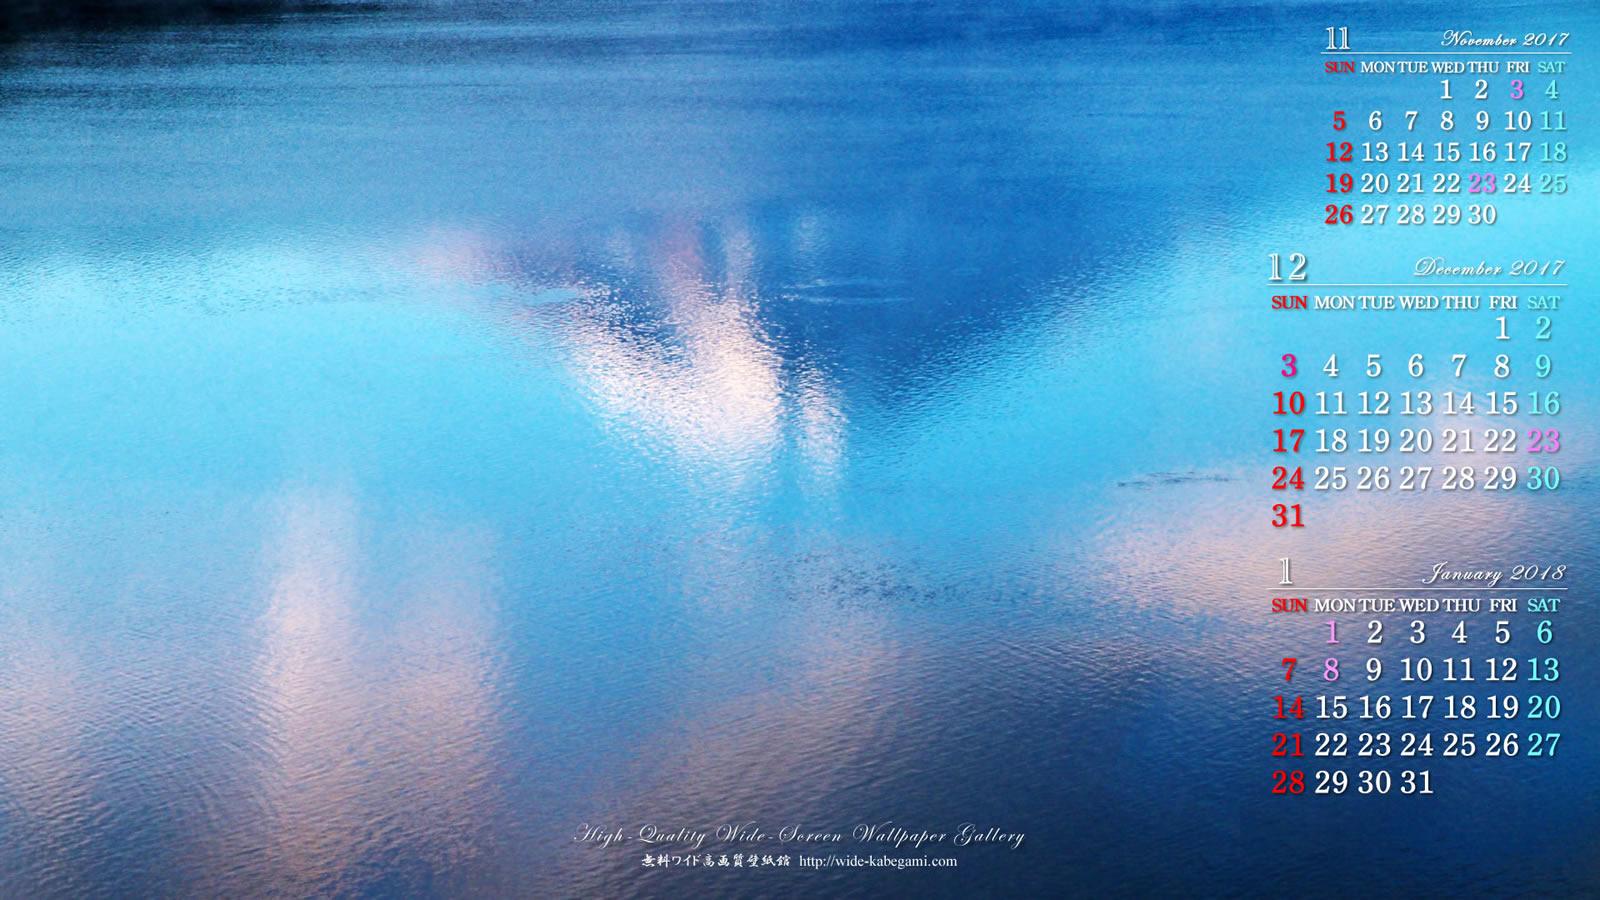 17年12月の前月表示の3ヶ月ワイド壁紙カレンダー 1600x900 初冬の逆さ富士 無料ワイド高画質壁紙館